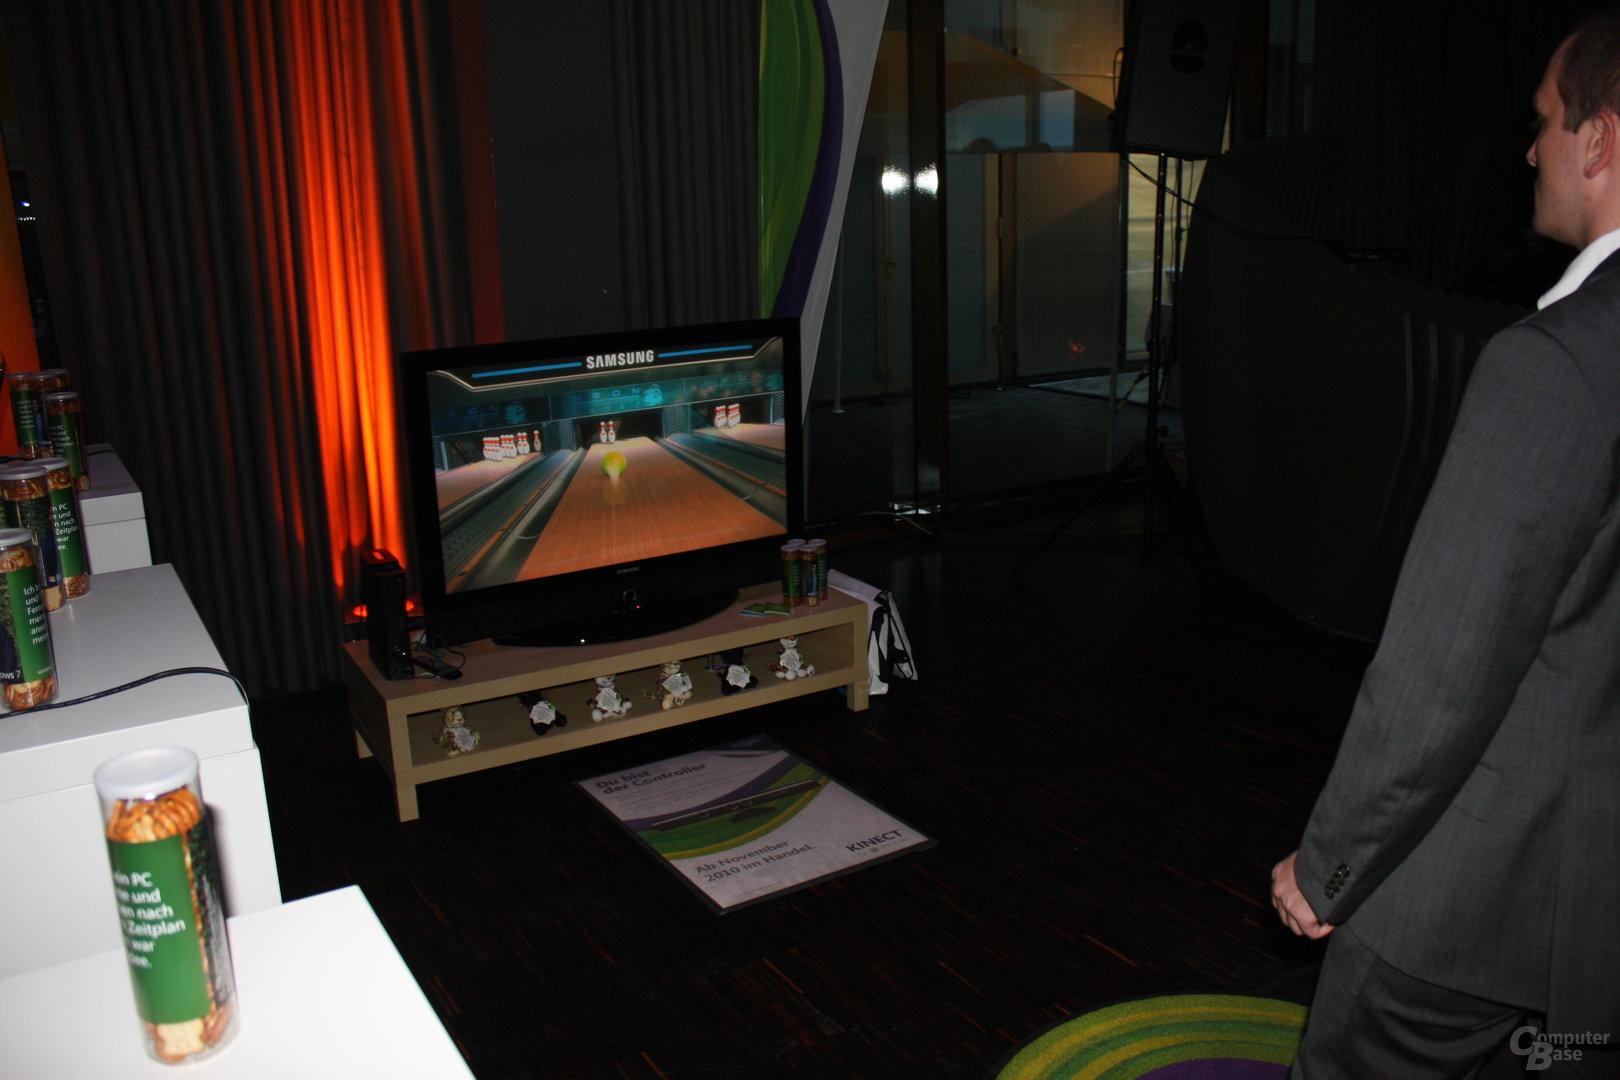 Eindrücke von Microsofts Kinect